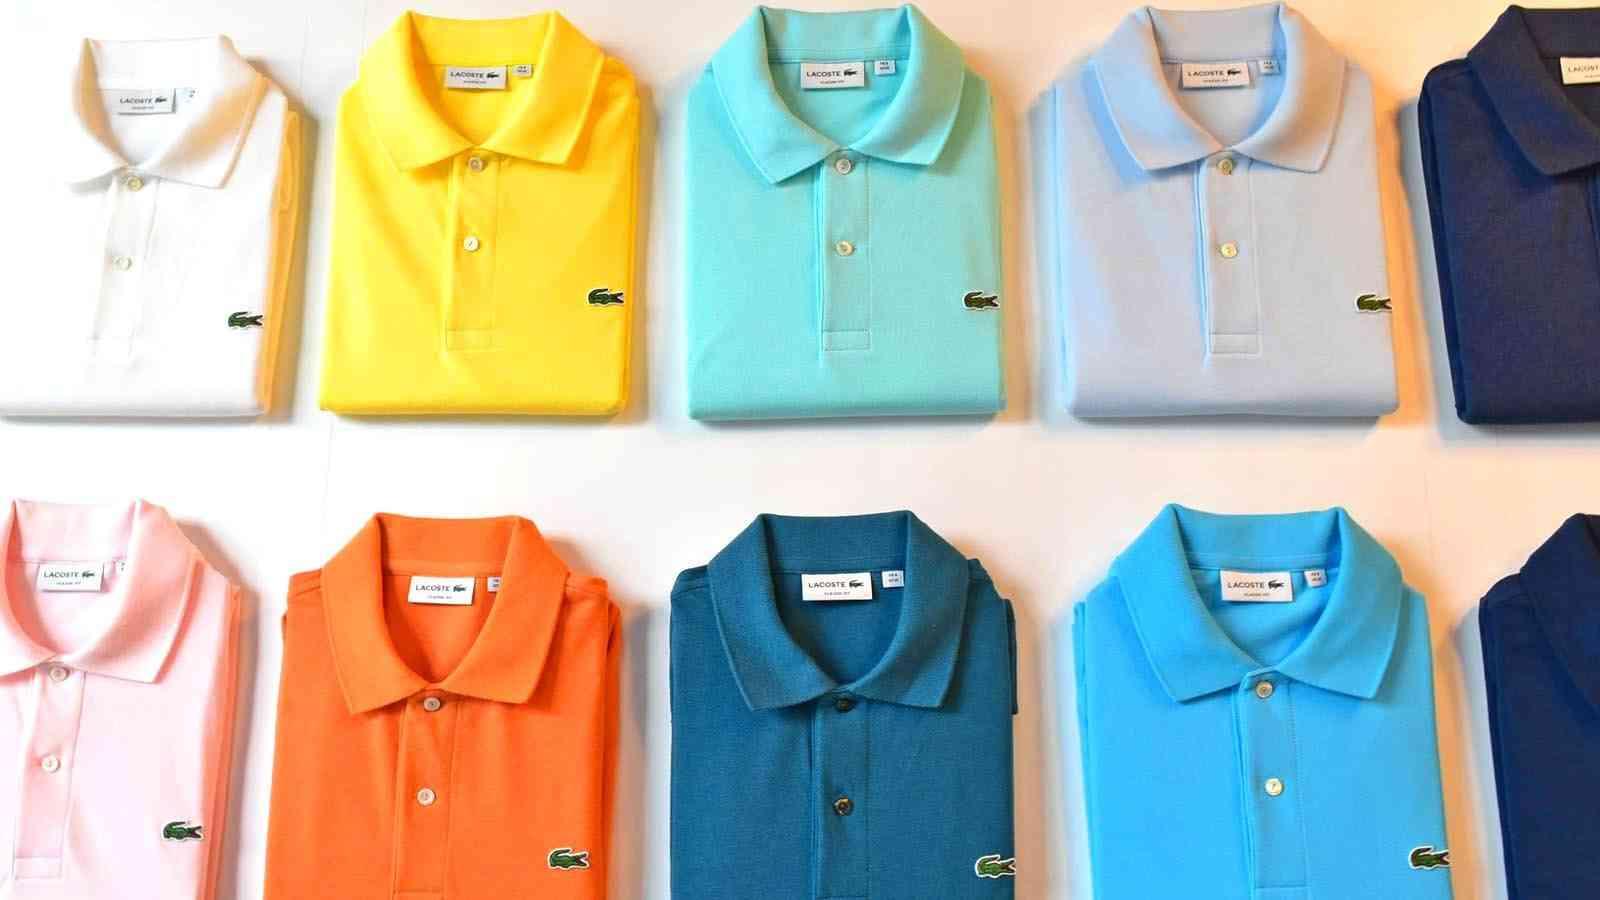 ラコステ「ポロシャツ」が父の日に売れる理由 | 専門店・ブランド・消費財 | 東洋経済オンライン | 経済ニュースの新基準